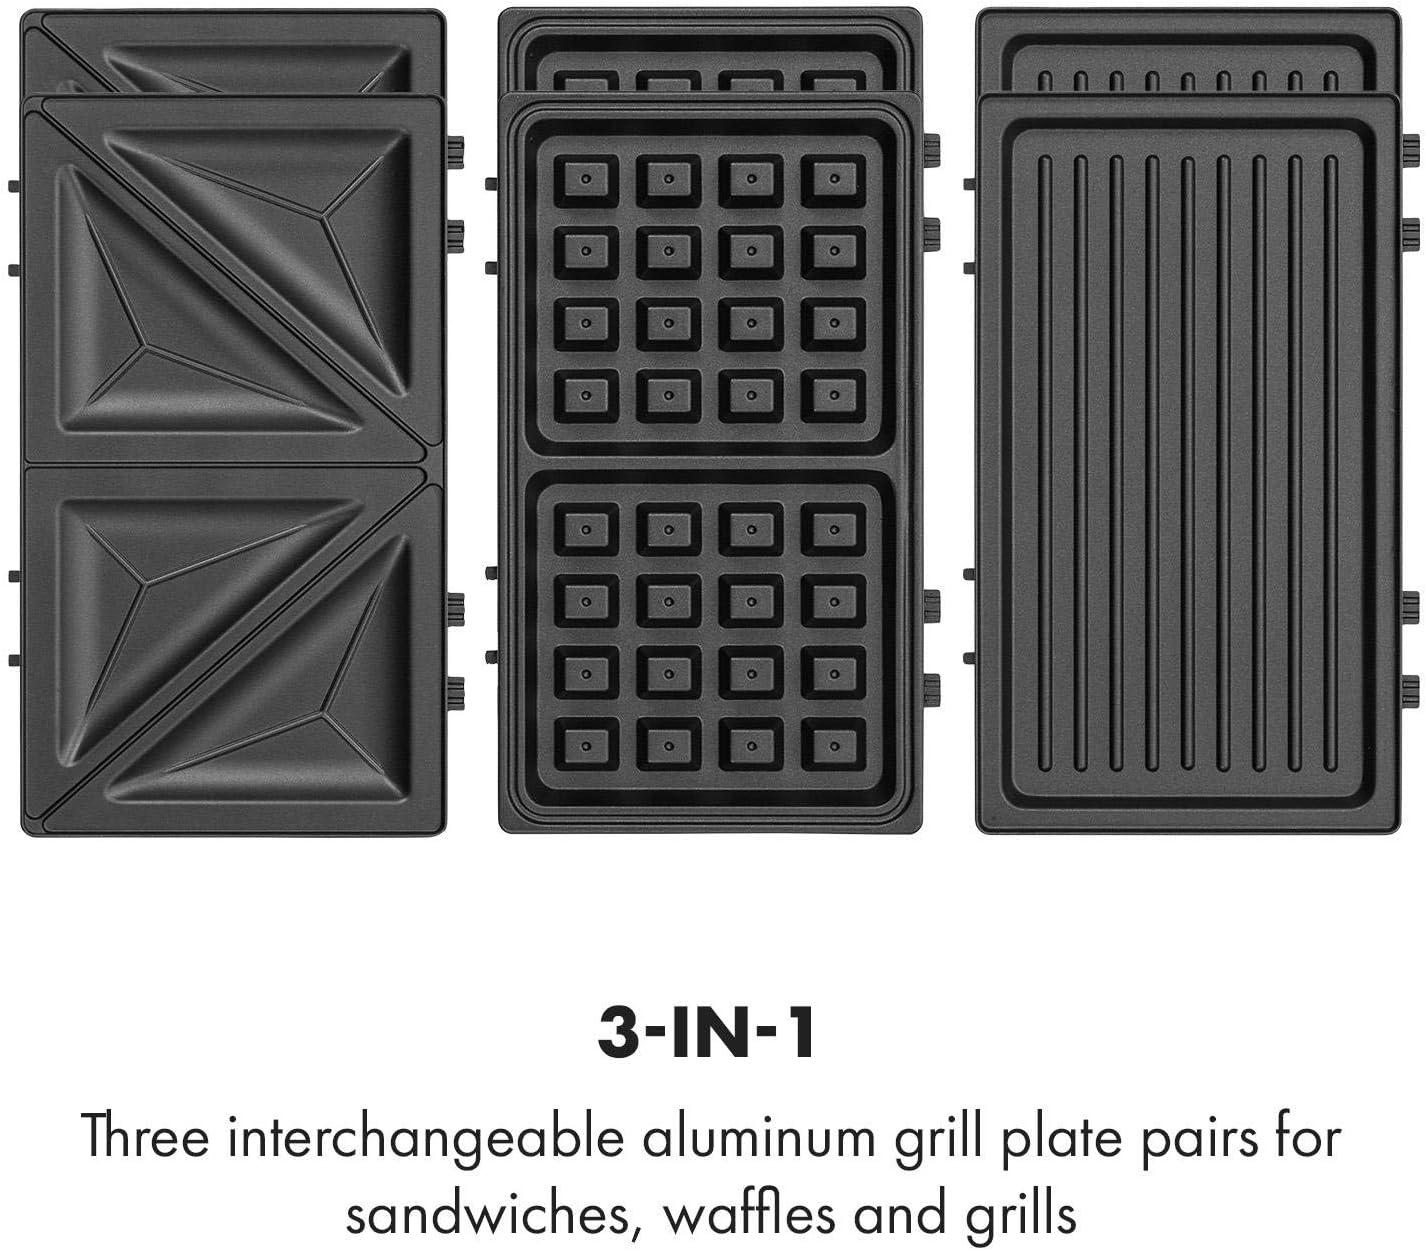 argent 750W 3 plaques de gril interchangeables en aluminium bo/îtier plastique antid/érapant rev/êtement antiadh/ésif Klarstein Trilit 3-en-1 Sandwich-Maker Panini-Maker gaufrier